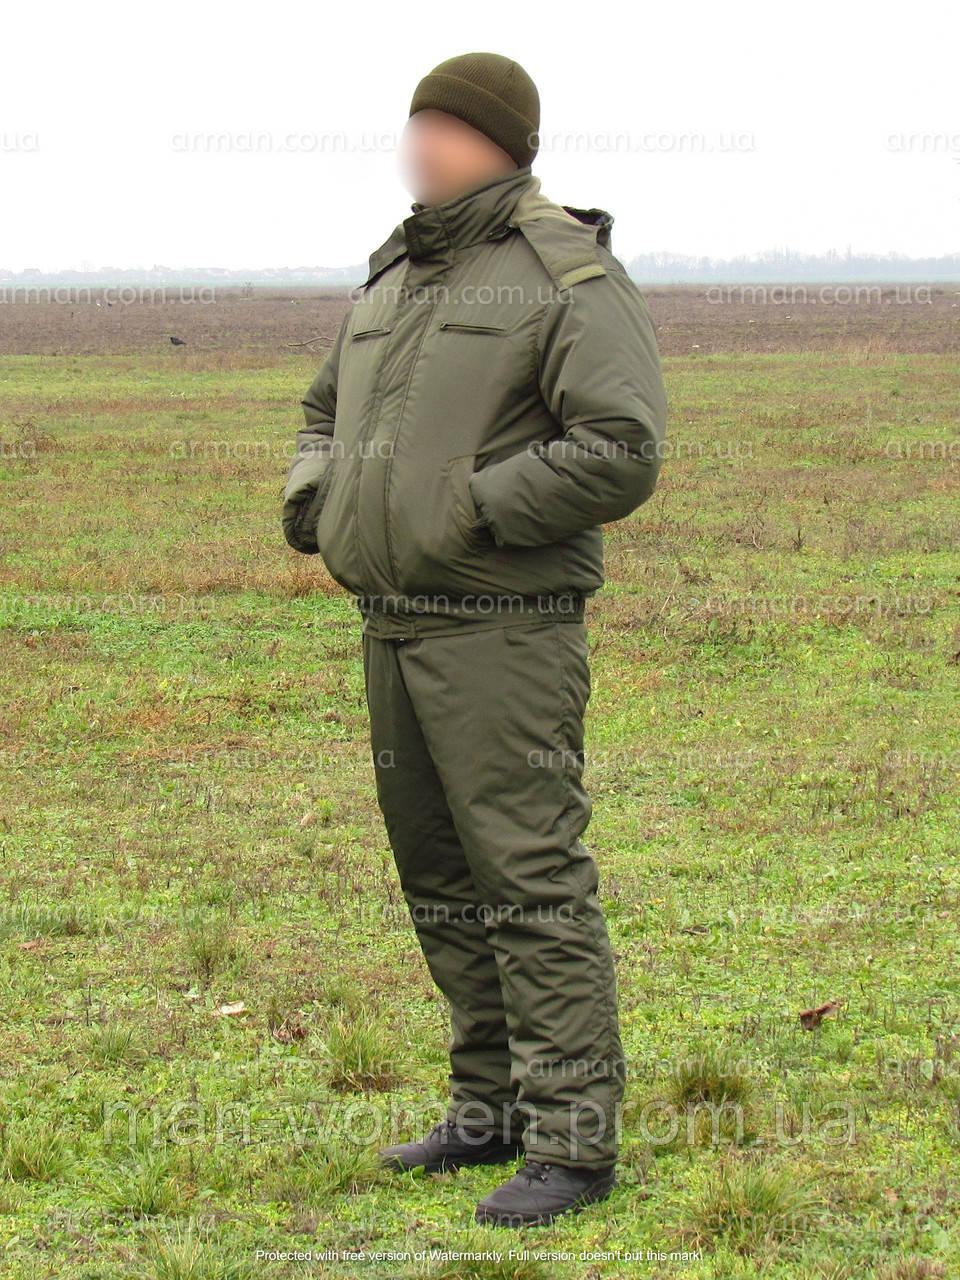 Тёплый зимний костюм для охраны. Влаго-ветрозащитный. Ткань нейлон на синтепоне и флисовом подкладе.